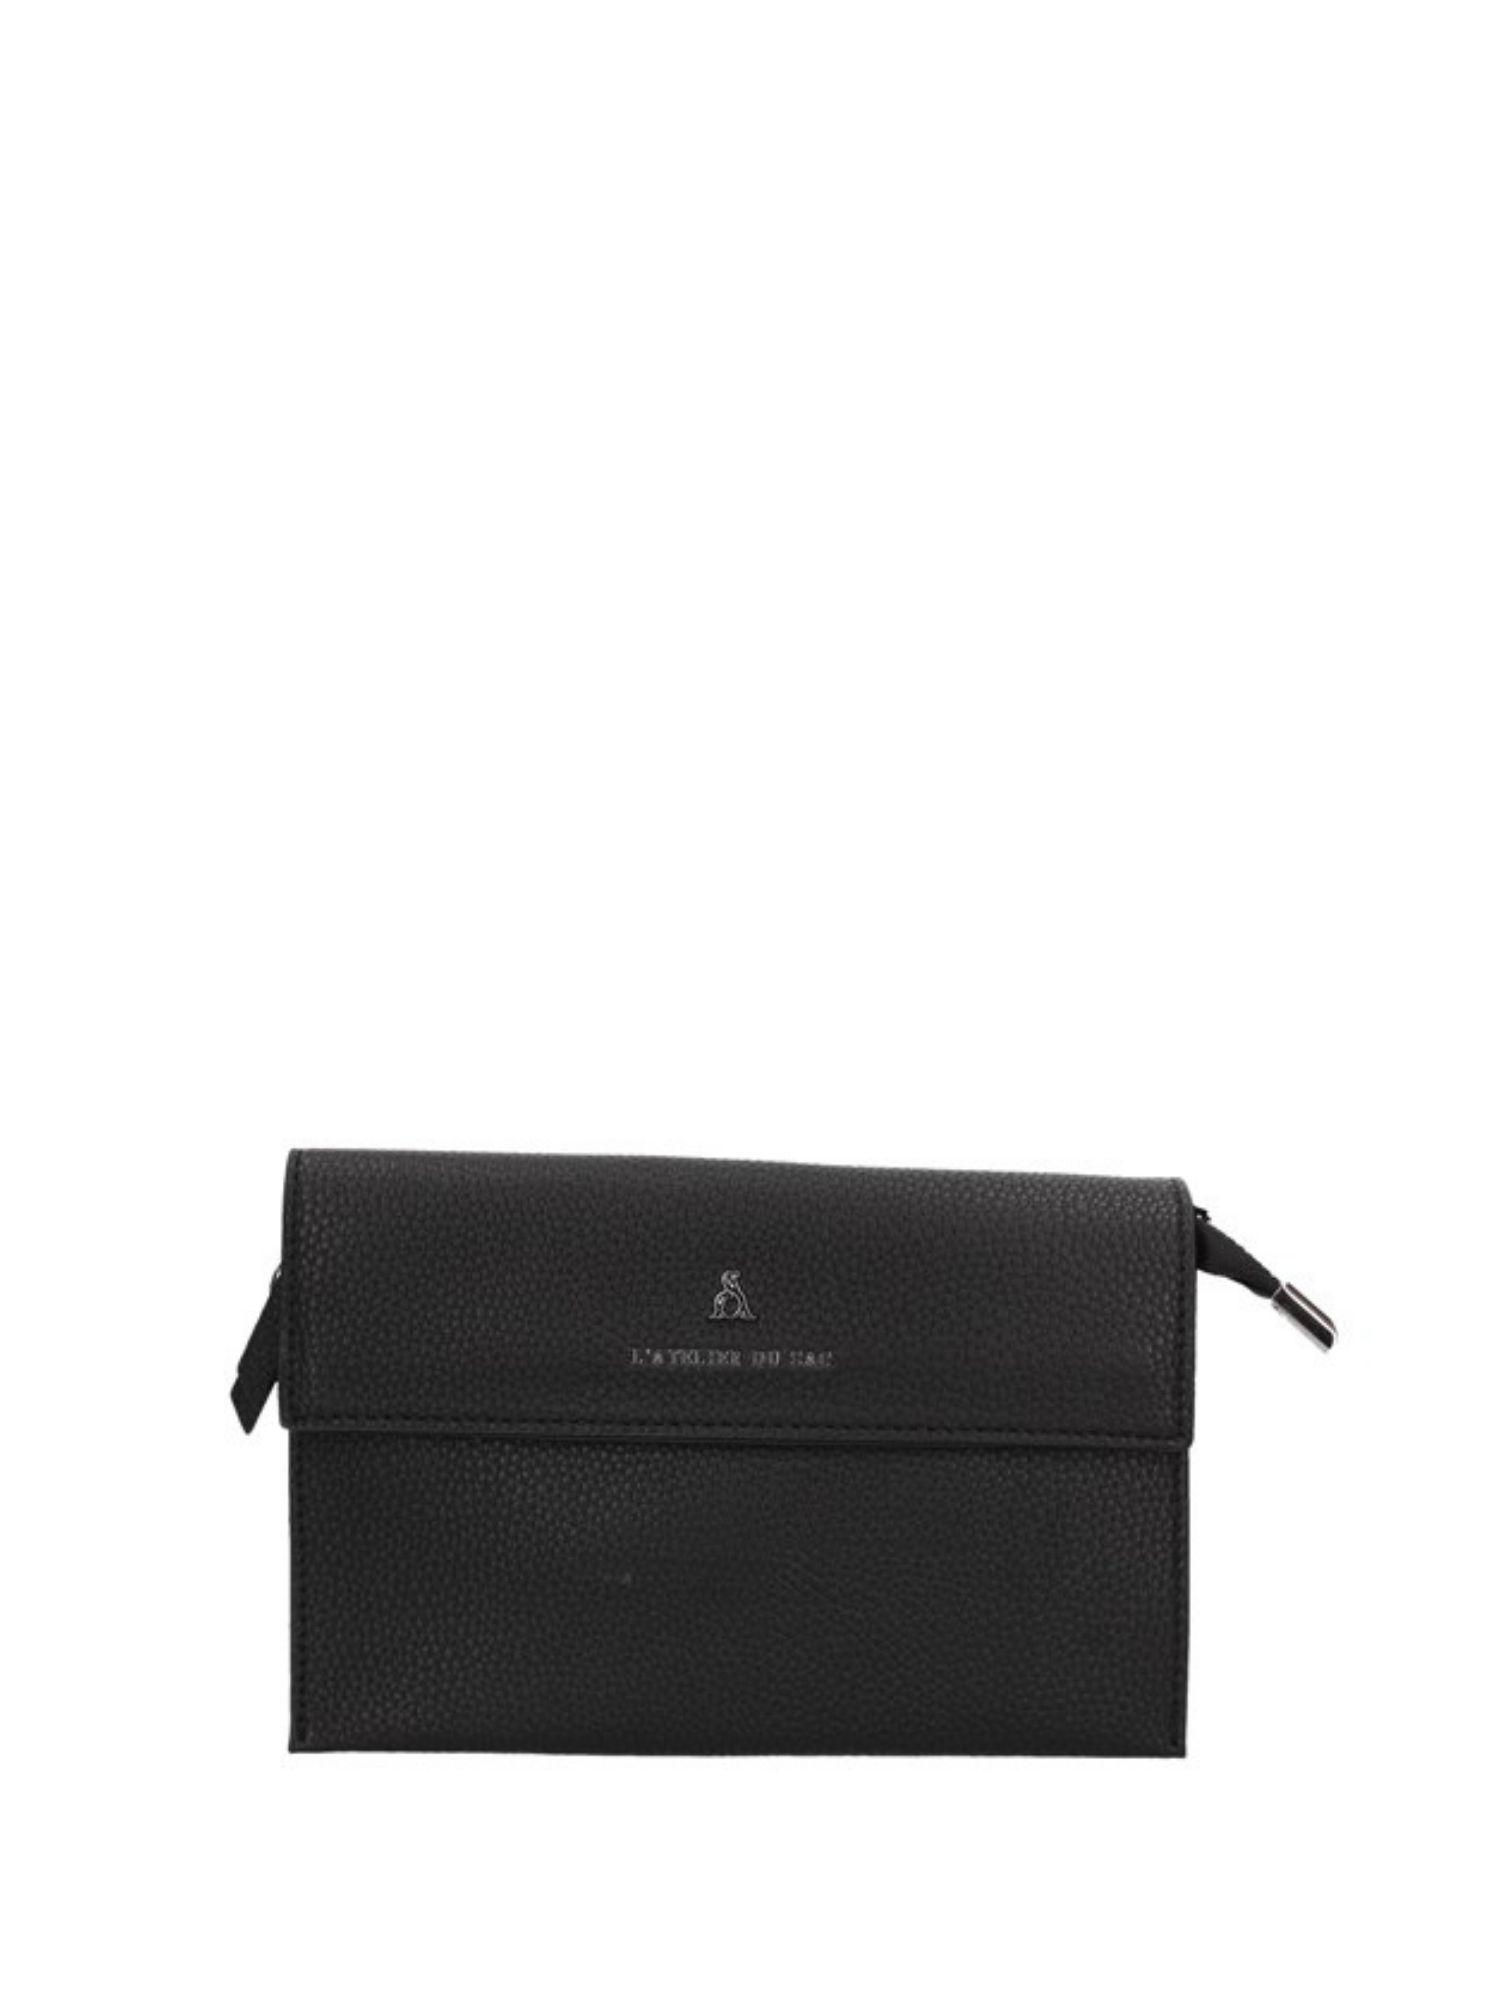 Borsa Atelier Du Sac Pash Bag 10819 Nero 1